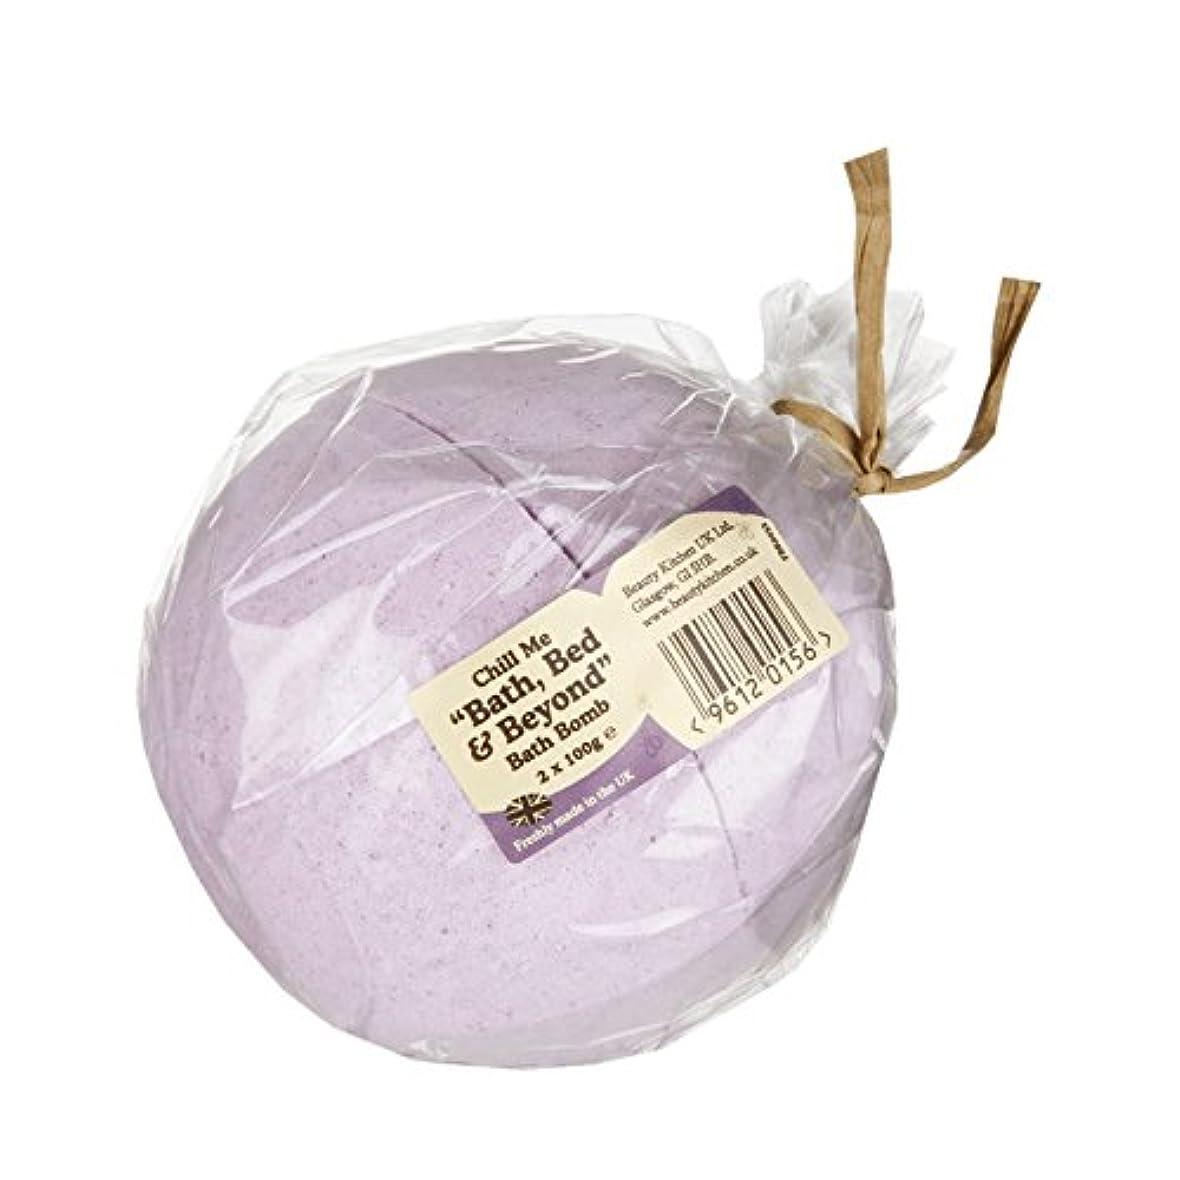 背の高い豚なんでもBeauty Kitchen Chill Me Bath, Bed & Beyond Bath Bomb 2 x 100g (Pack of 2) - 美しさのキッチンには、バスタブ、ベッド&バス爆弾2×100グラムを超...